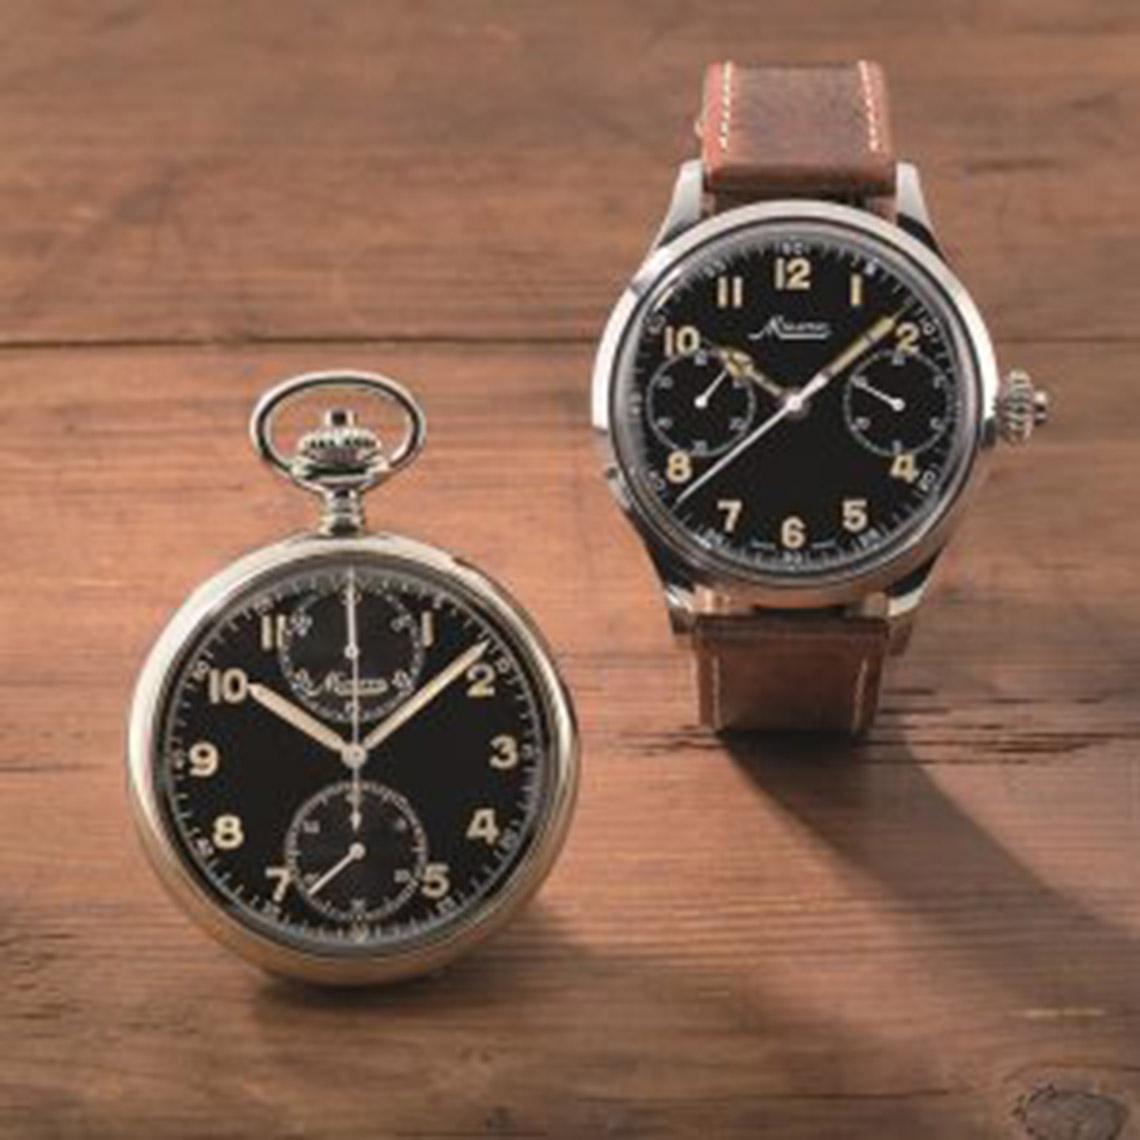 Montblanc tiếp tục ra mắt hai mẫu 1858 mới lấy cảm hứng từ di sản Minerva -5